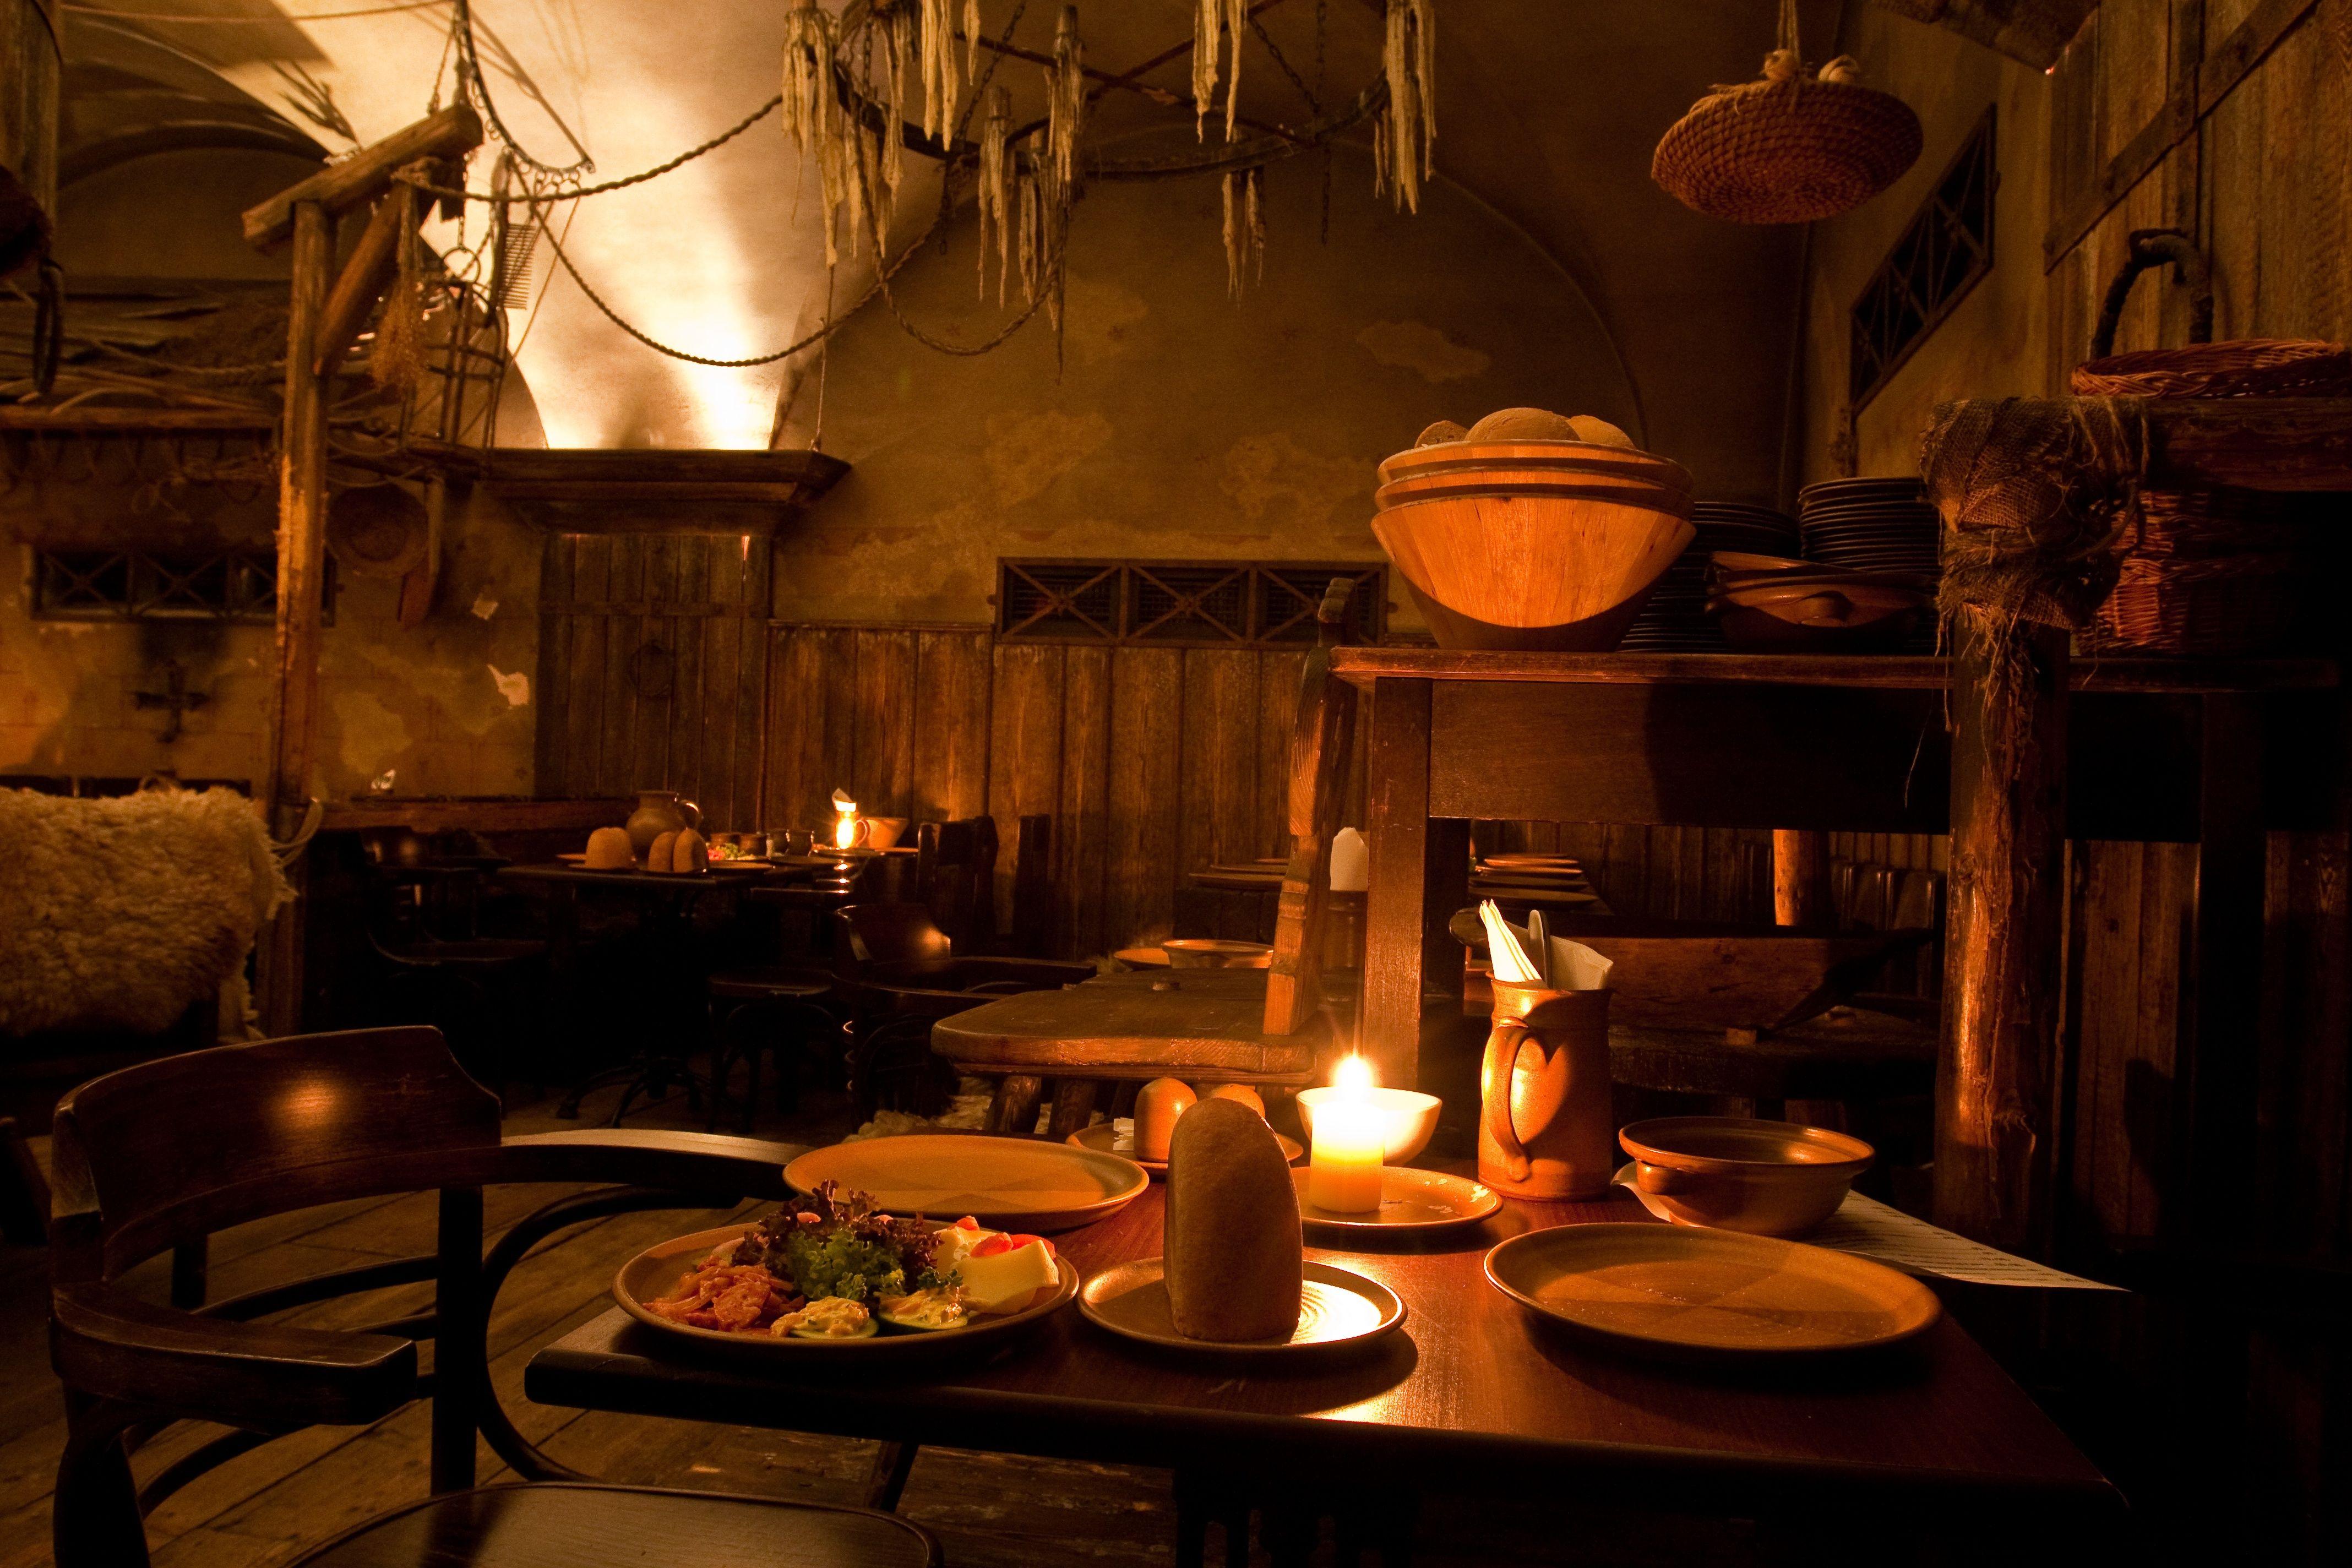 U Pavouka Medieval Tavern 3 Medieval Table View Photos